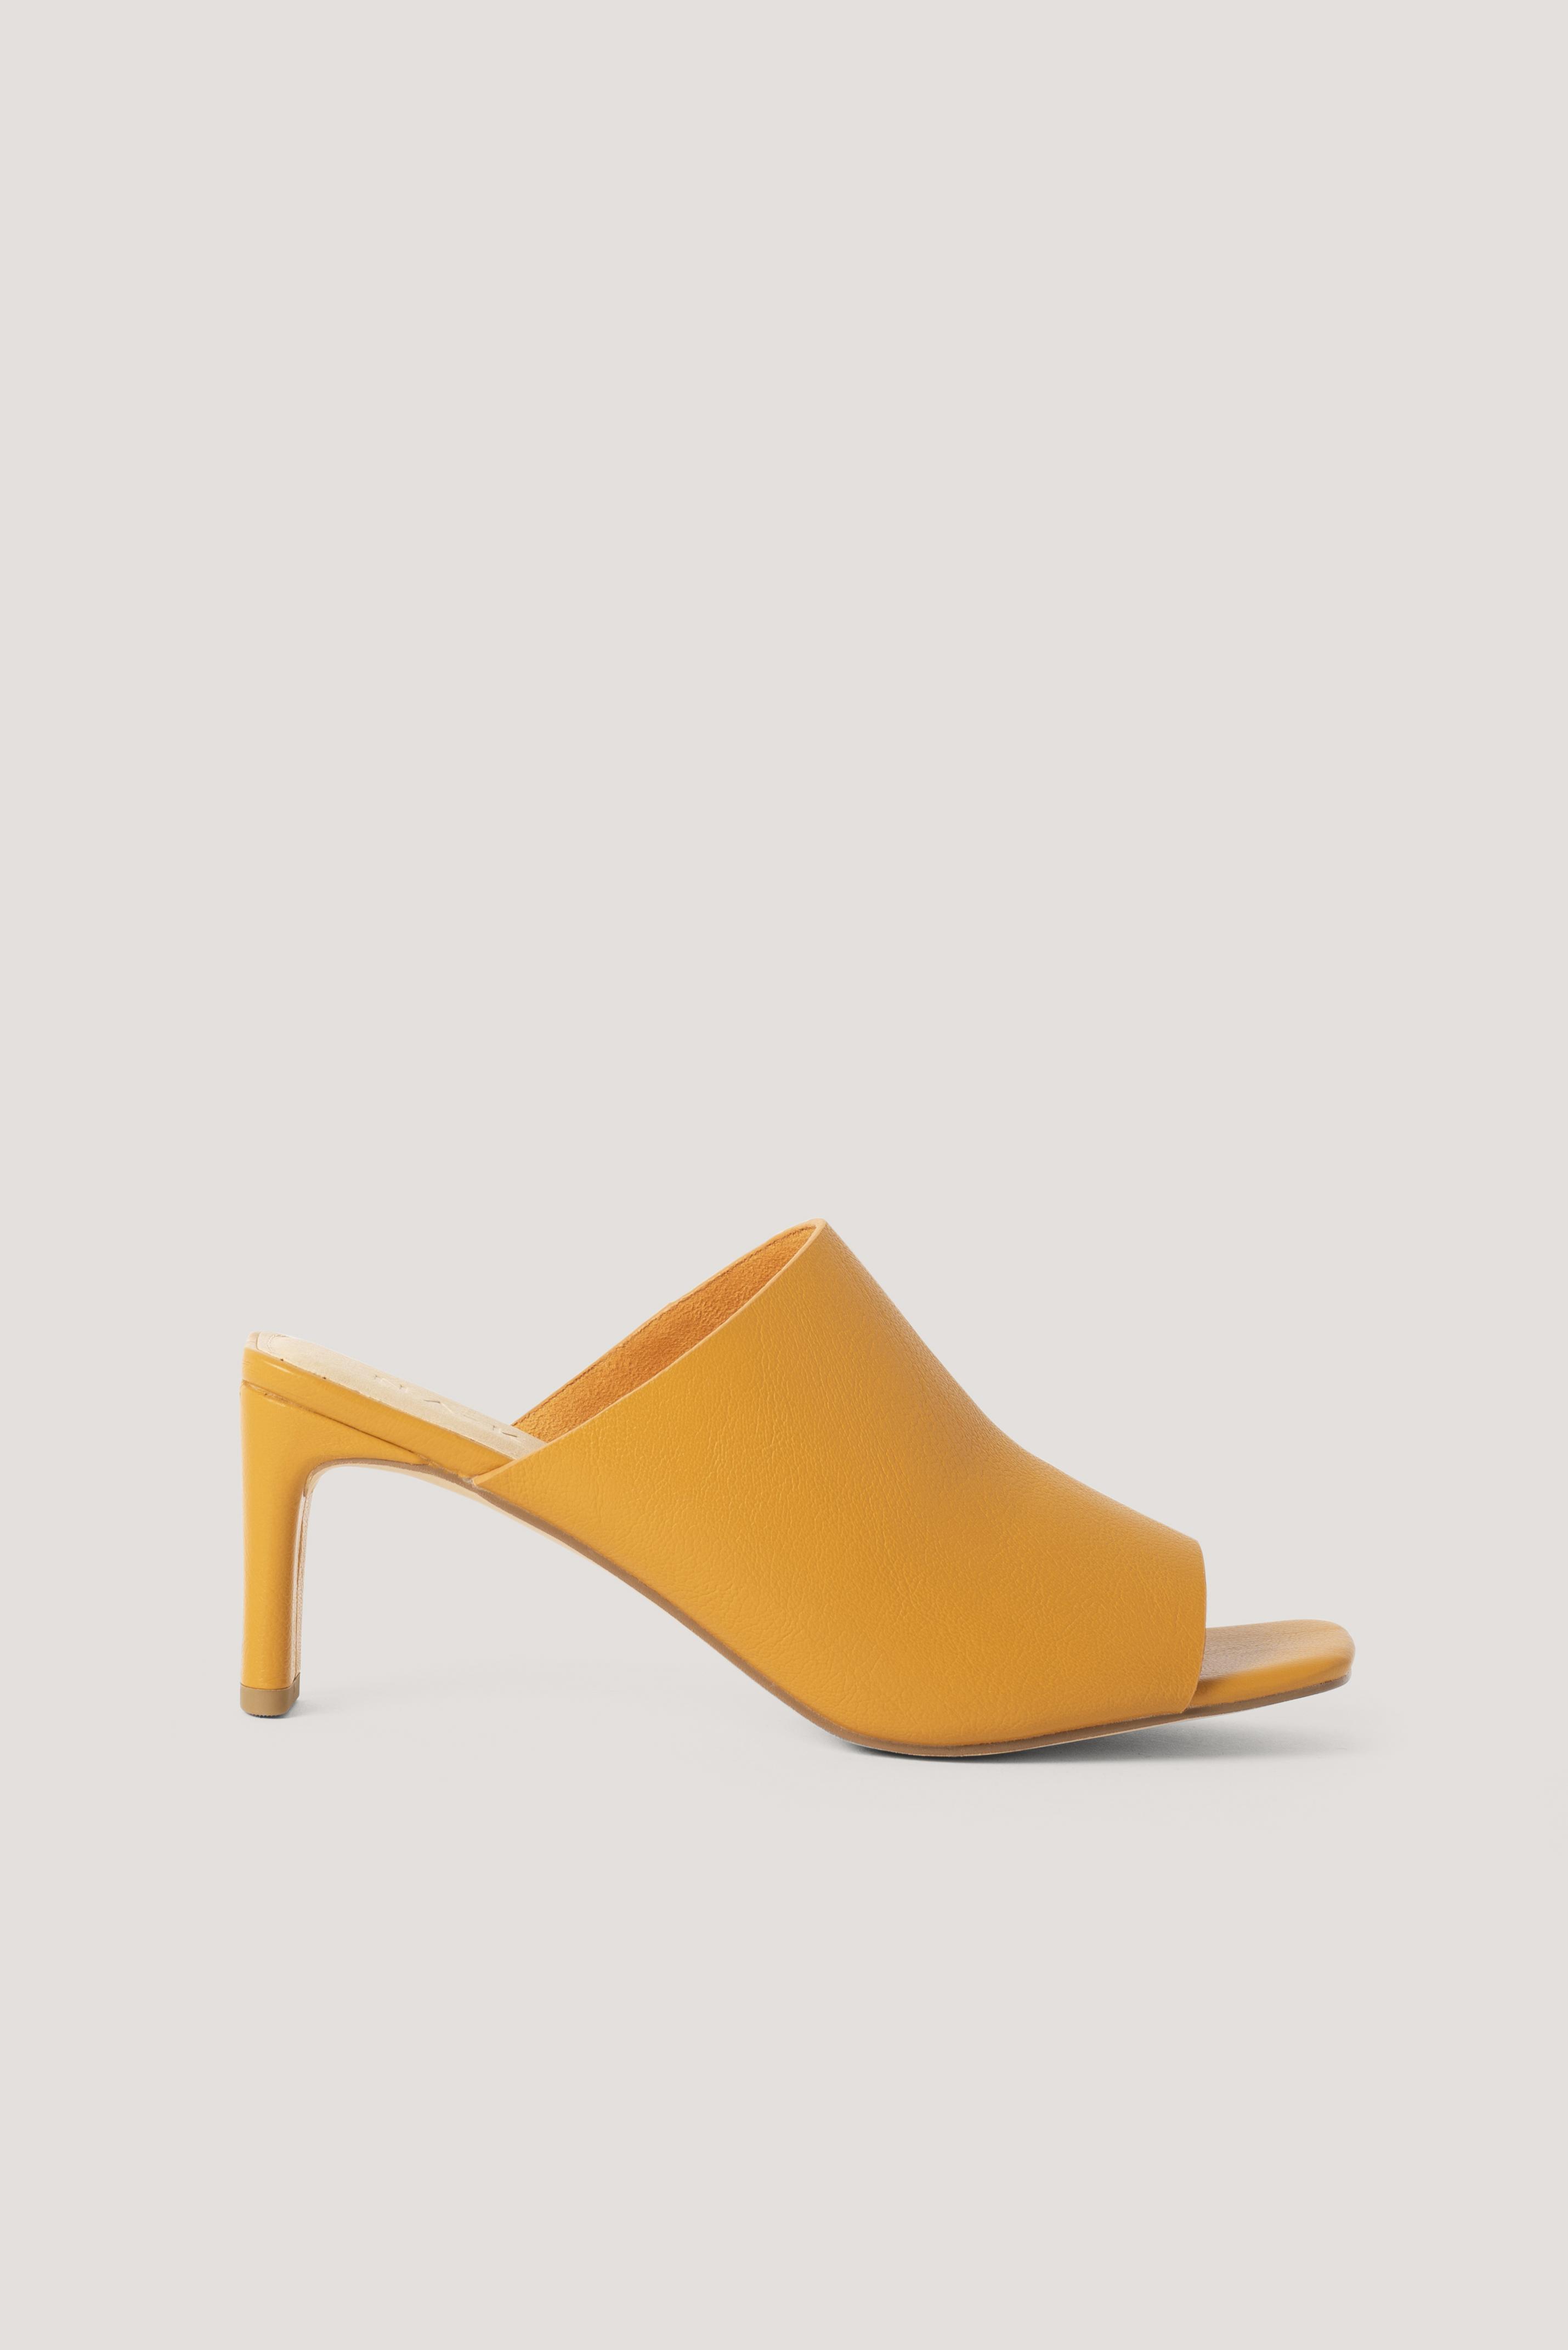 na-kd shoes -  Basis-Pantoletten Mit Quadratischem Absatz - Orange